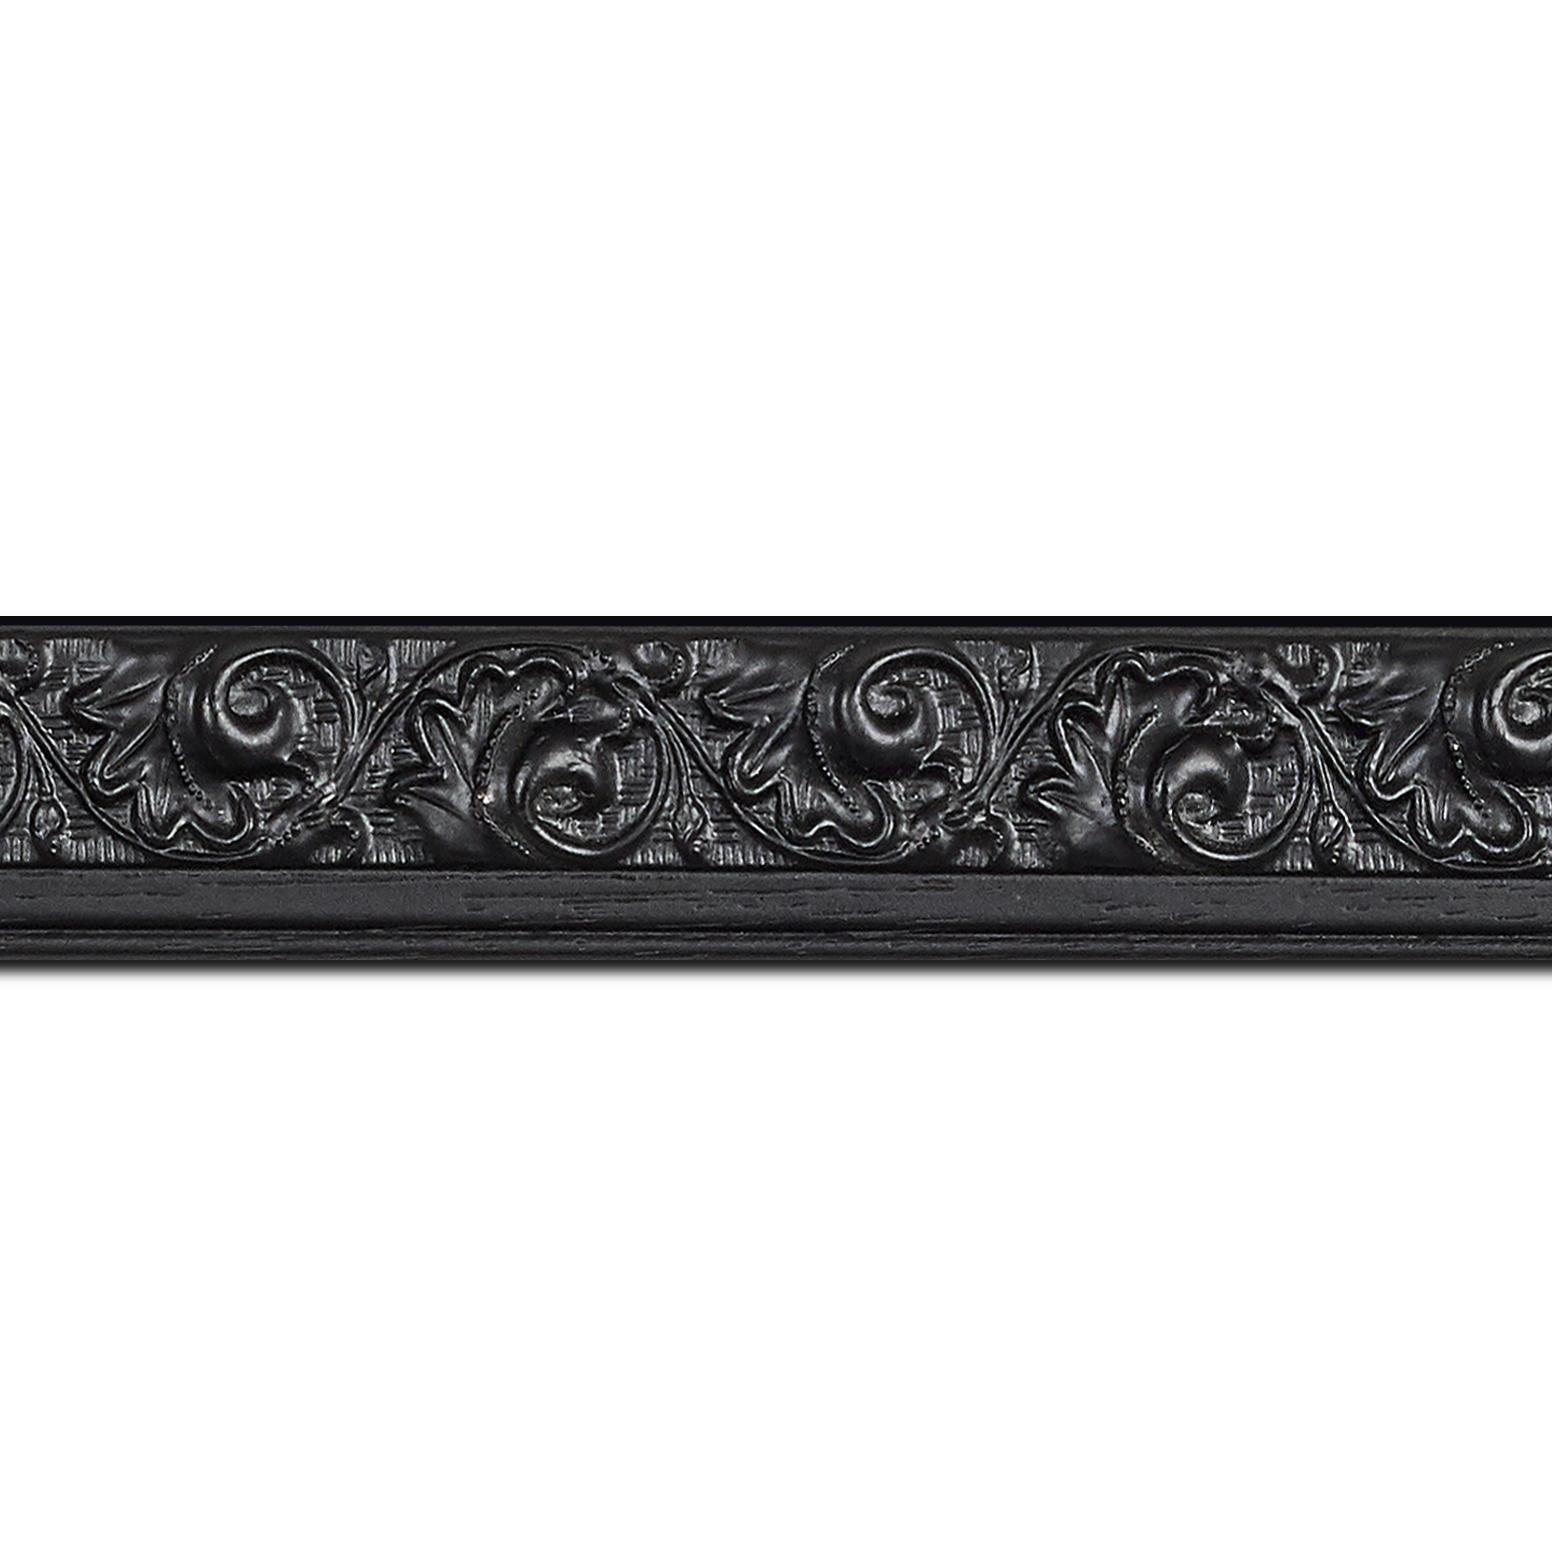 Pack par 12m, bois profil plat largeur 3.5cm couleur noir antique satiné décor frise (longueur baguette pouvant varier entre 2.40m et 3m selon arrivage des bois)